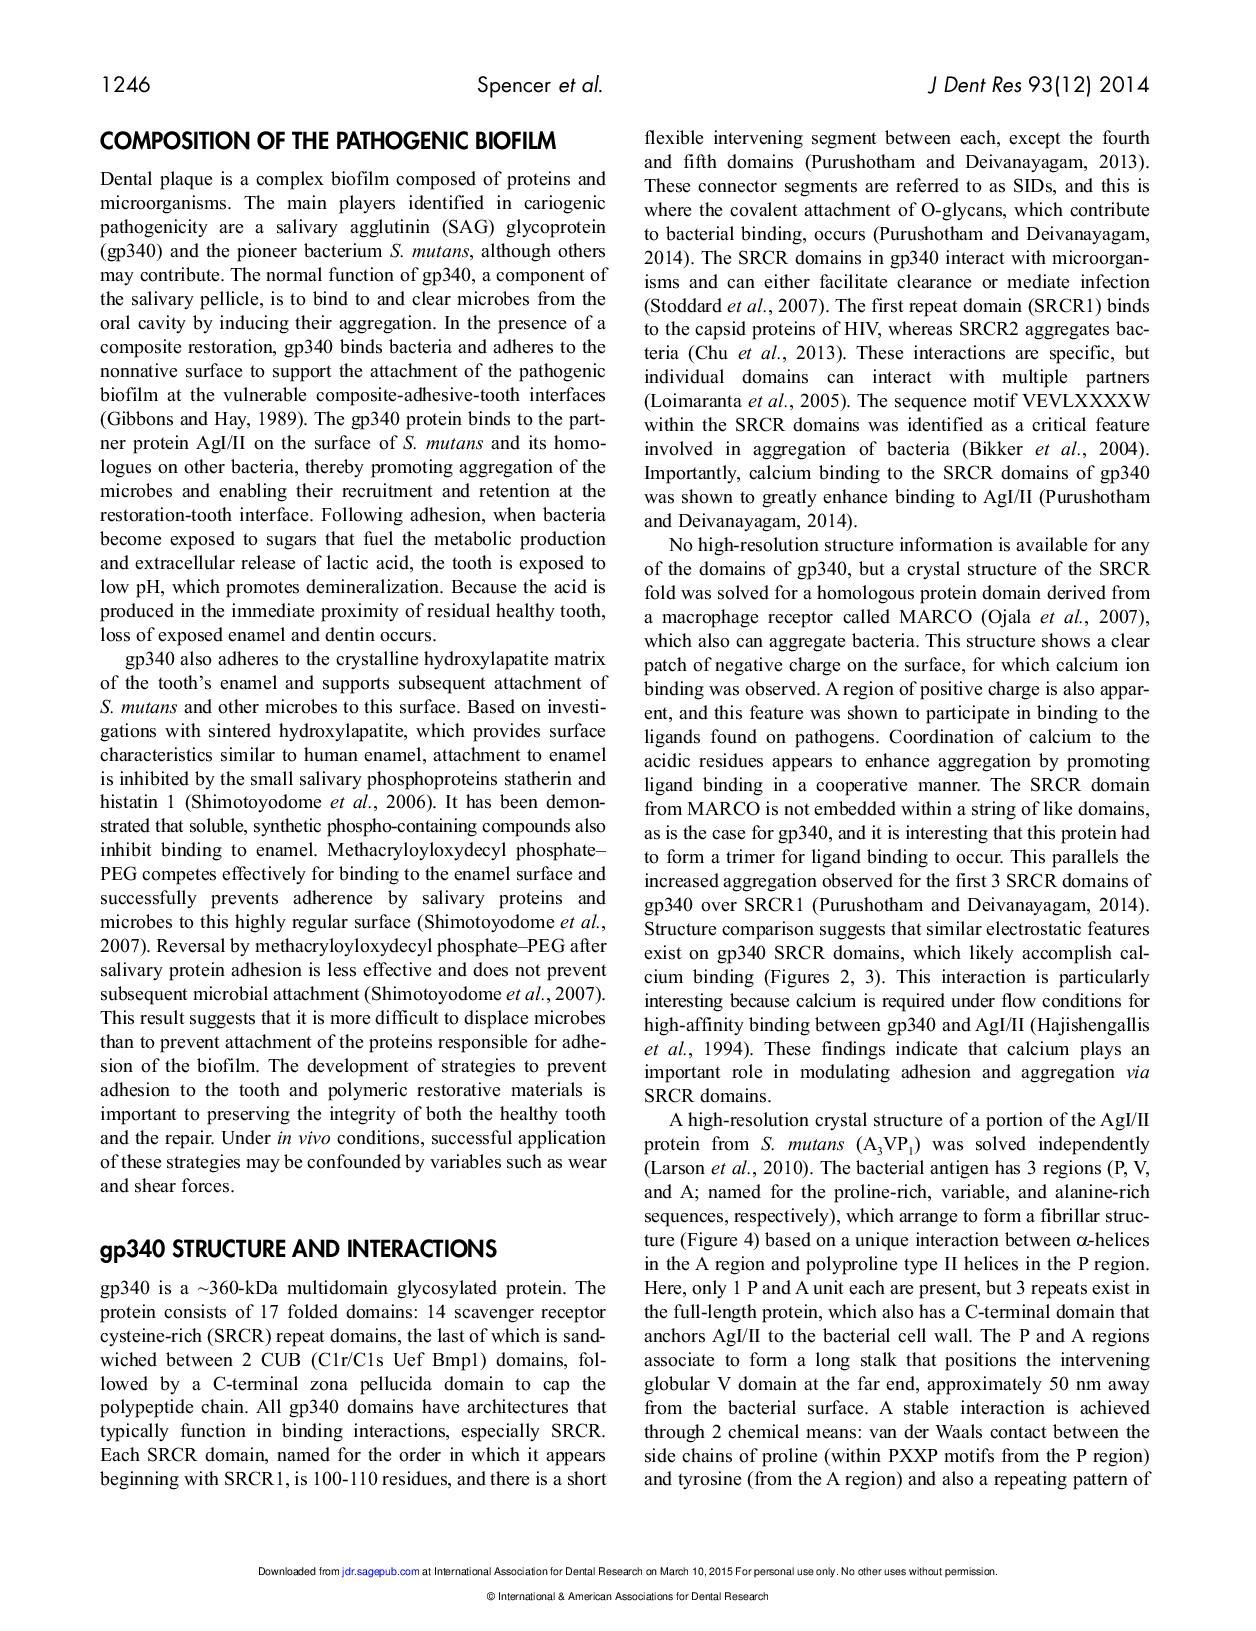 J DENT RES-2014-Spencer-1243-9-page-004